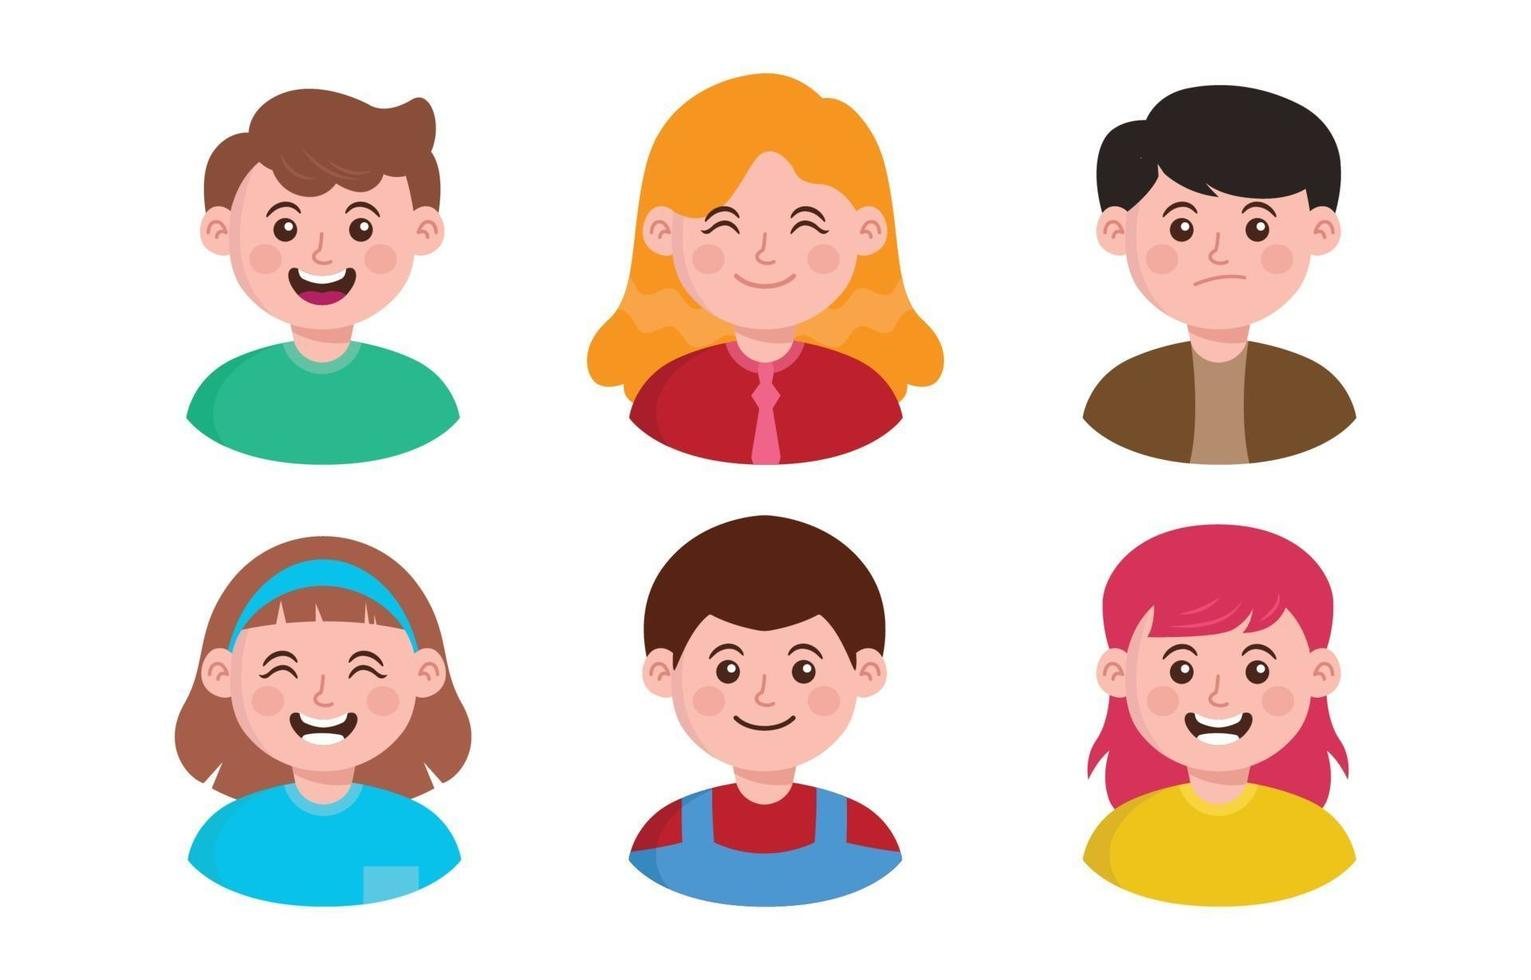 platt barn avatar ikon vektor